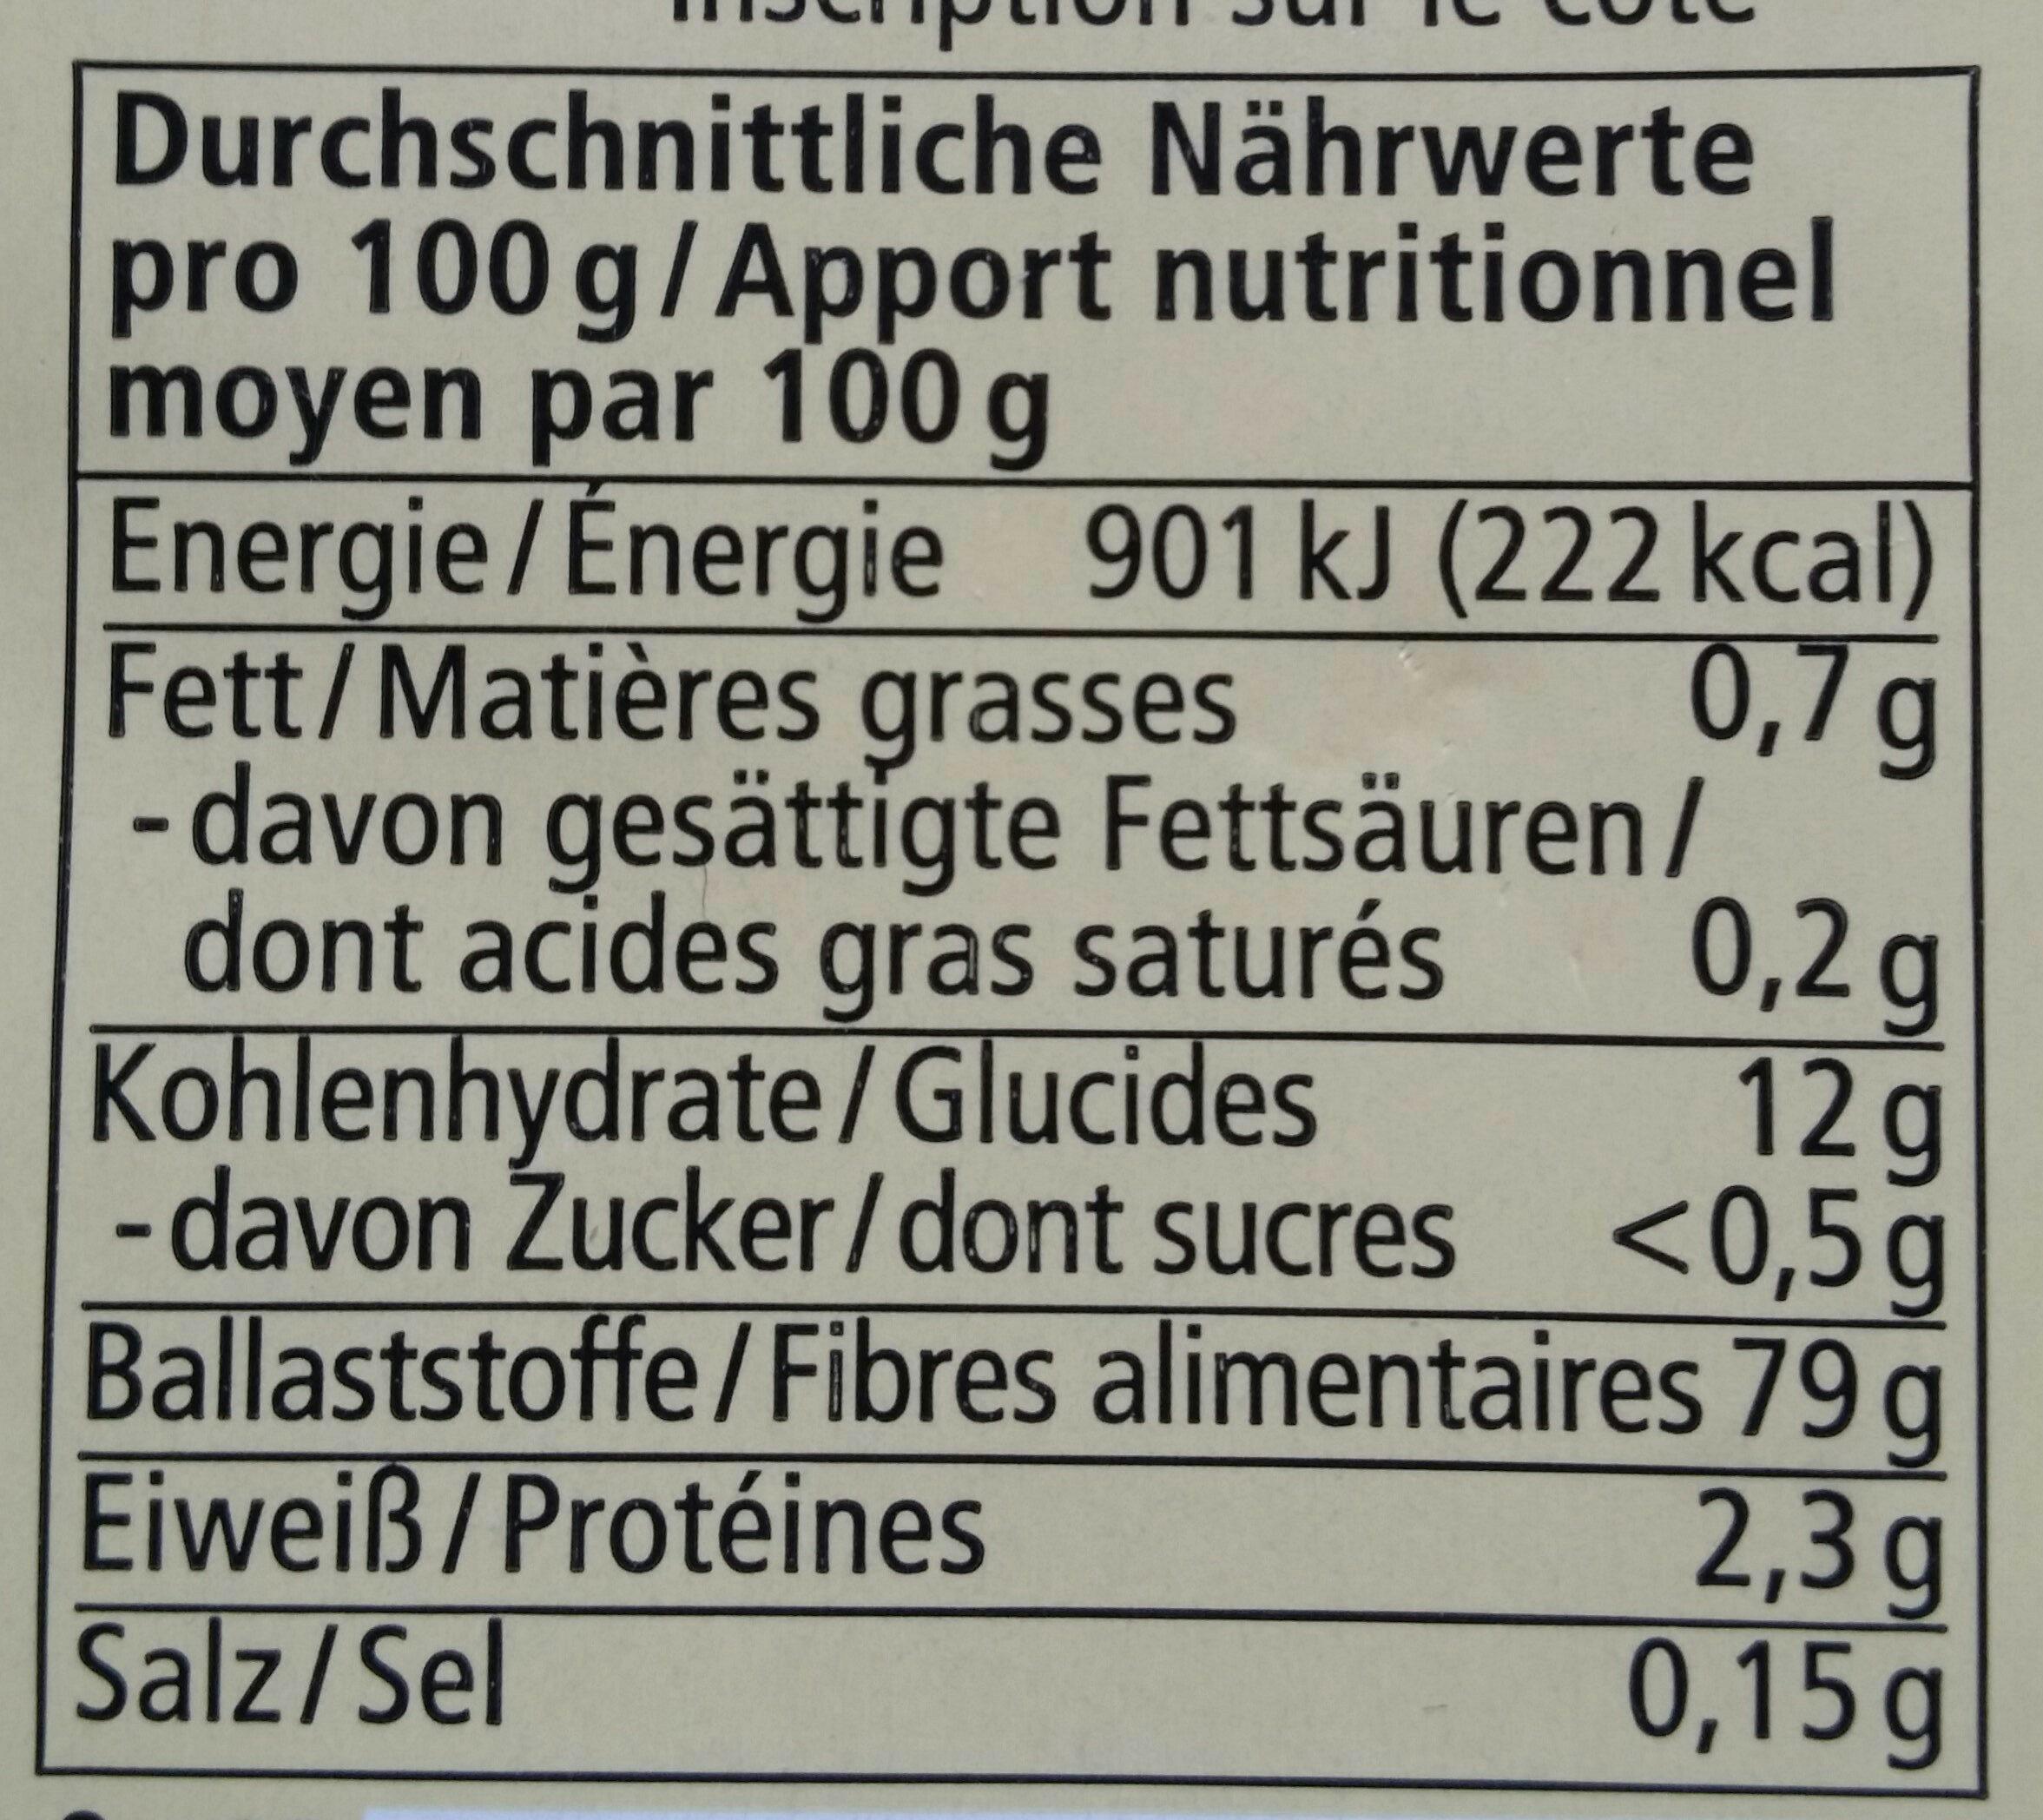 Alnatura Flohsamenschalen - Nutrition facts